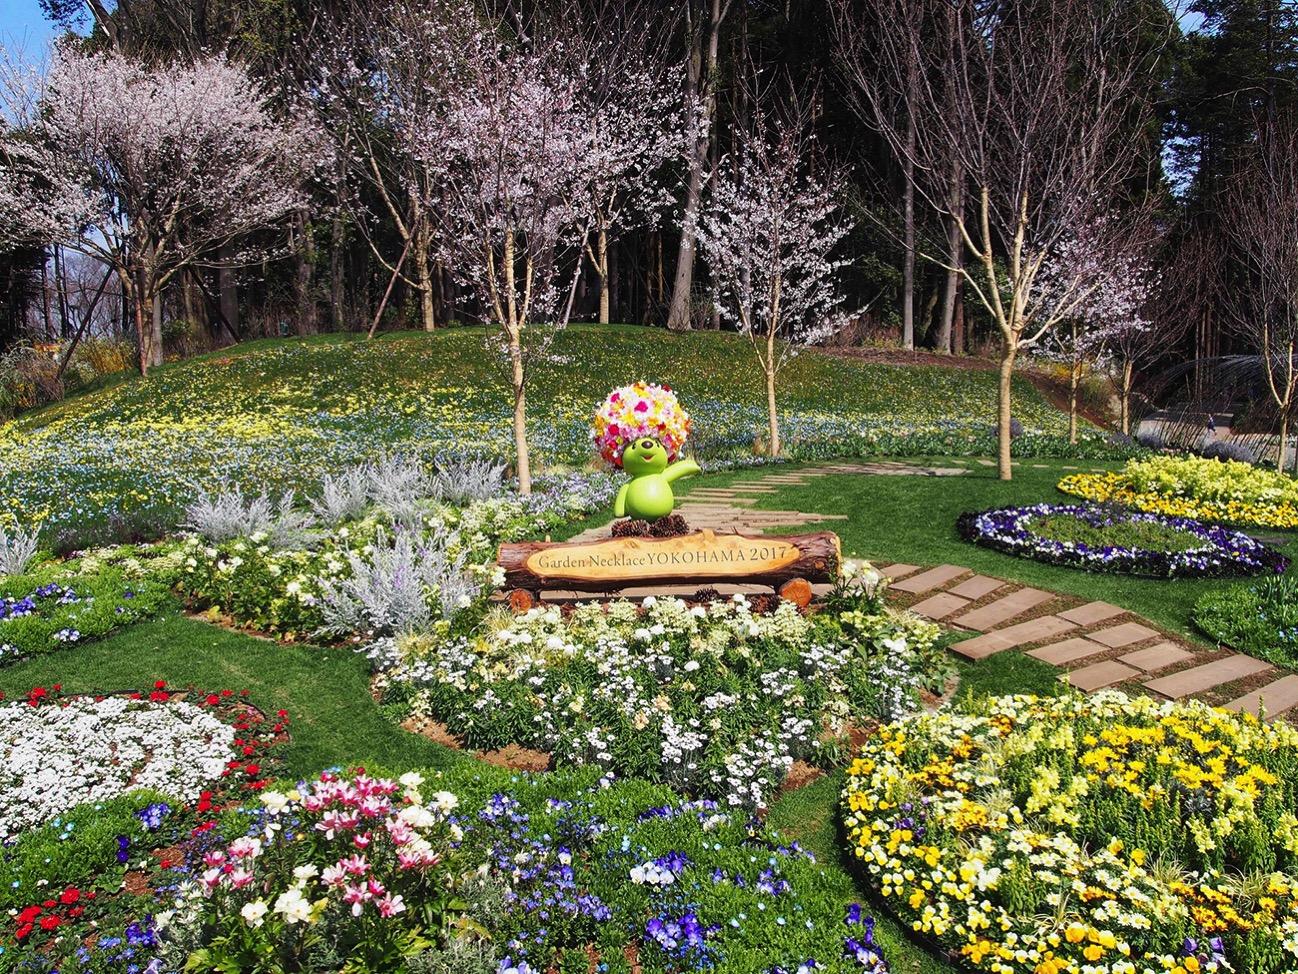 笑顔の花咲くナチュラルガーデン